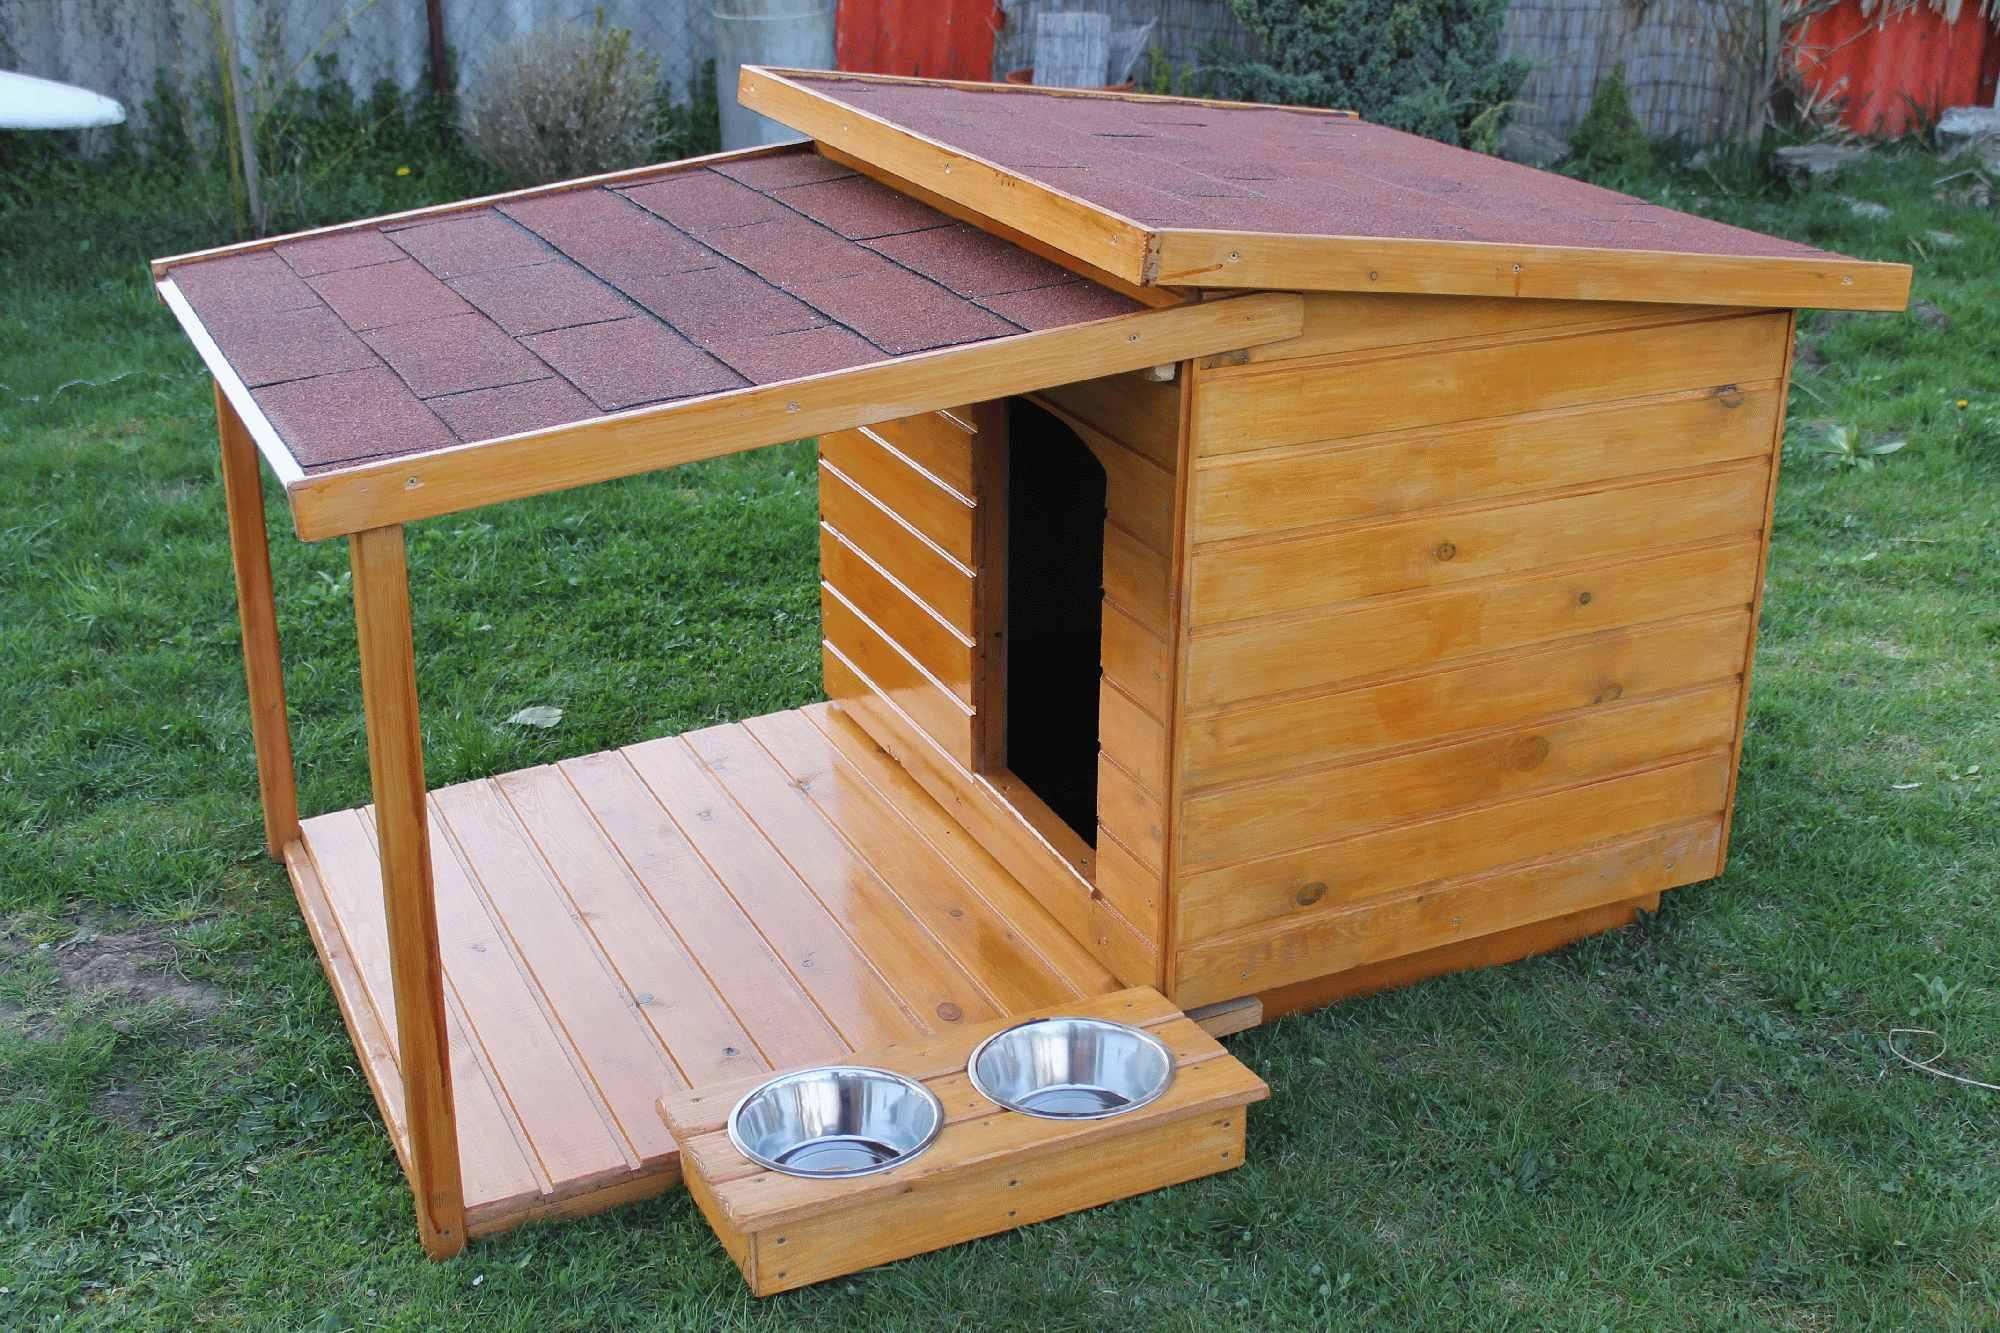 c4c89a8e7cd6 Teraszos kutyaházak   80X100 hőszigetelt kutyaház teraszos   http ...